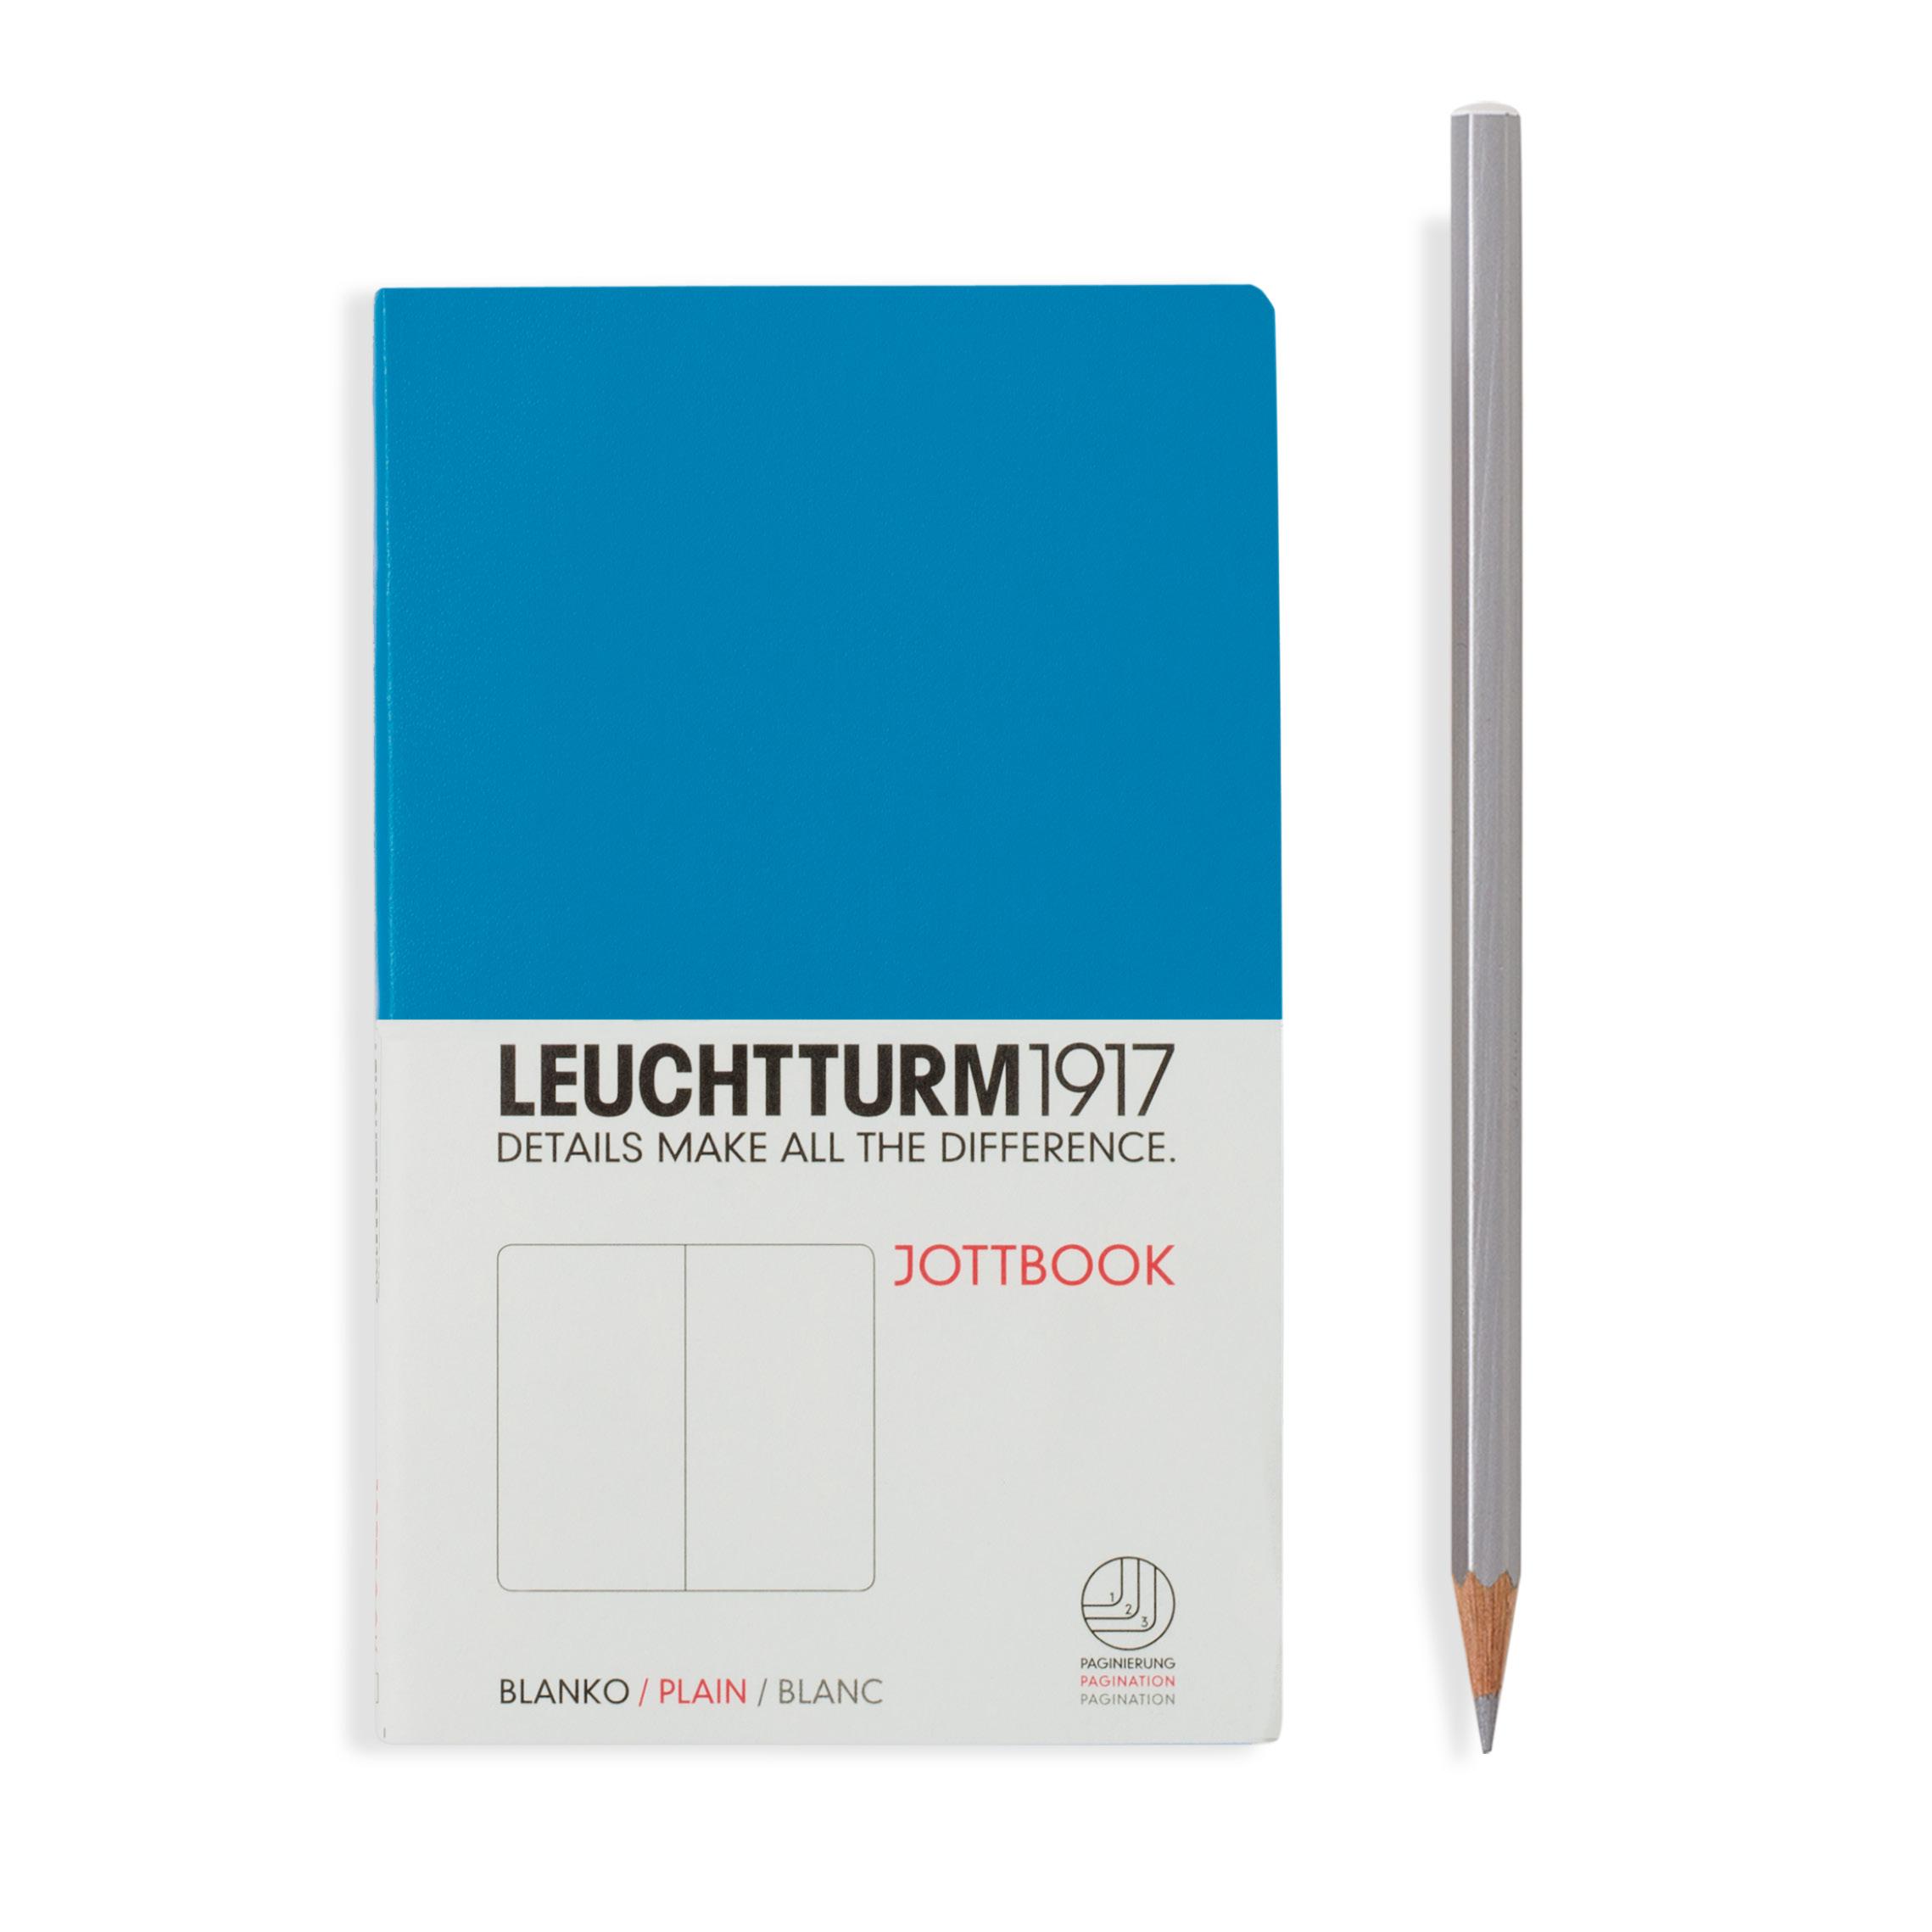 Leuchtturm1917 Jottbook Pocket